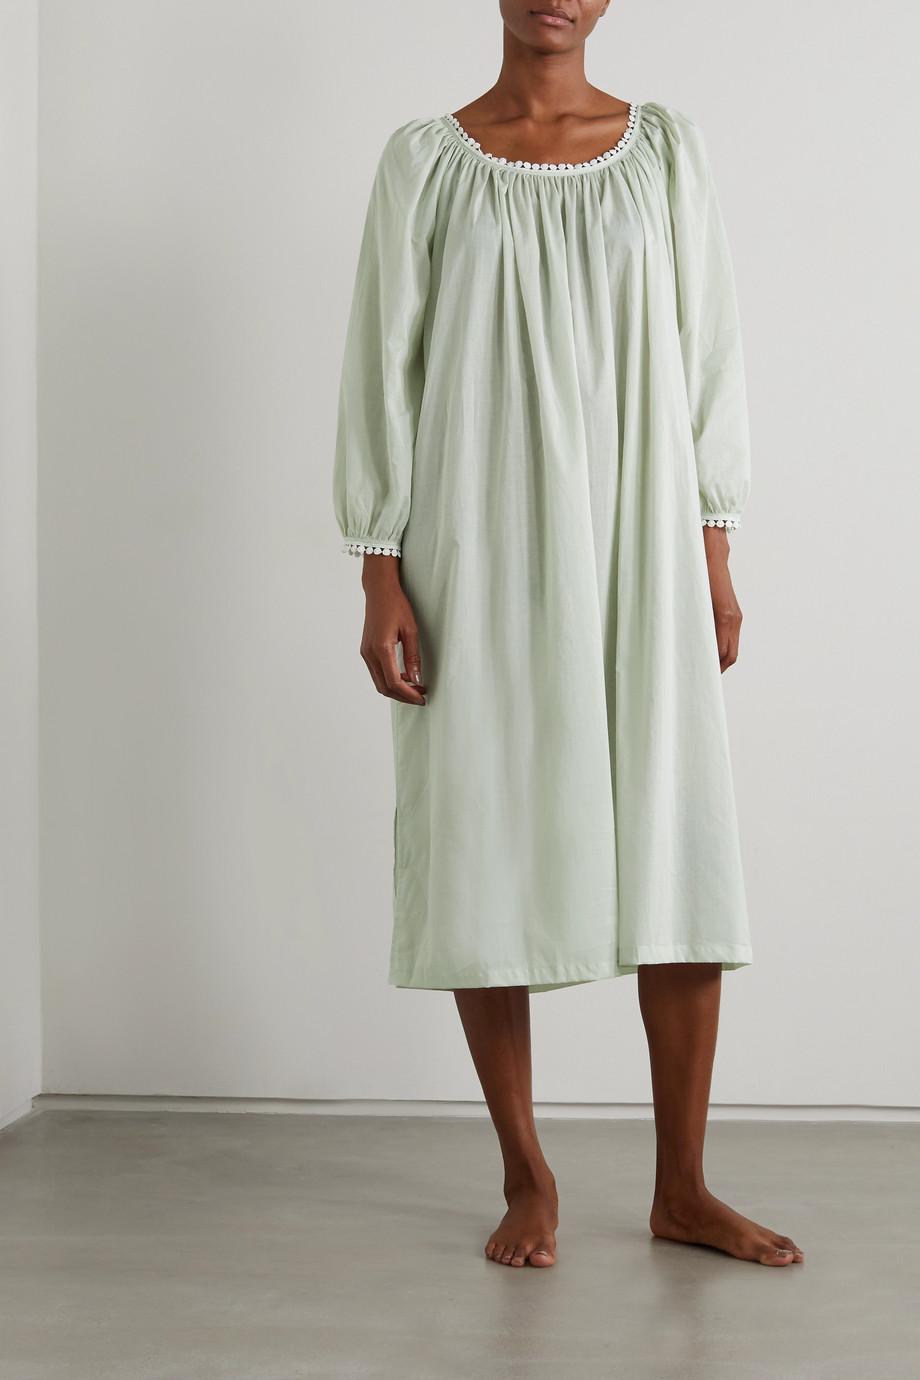 Pour Les Femmes Thilda Nachthemd aus Baumwoll-Voile mit Spitzenbesätzen